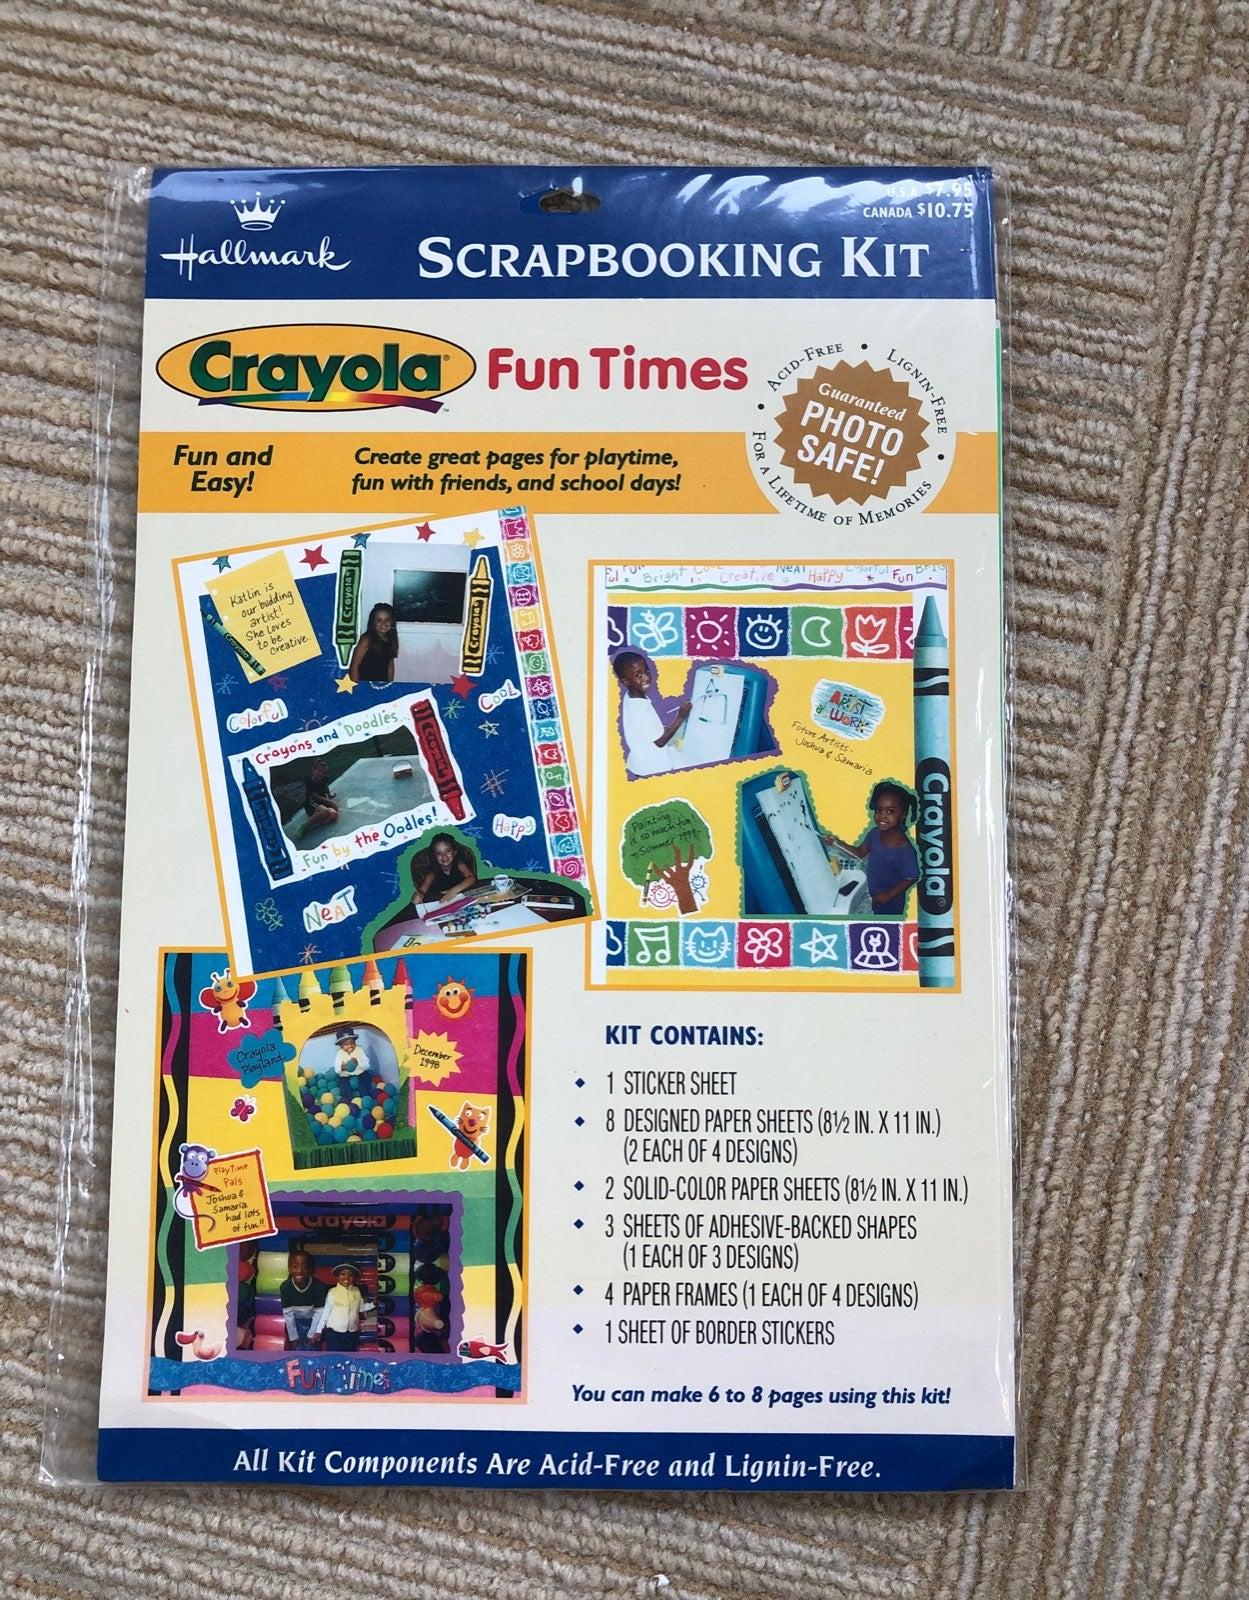 Hallmark Child Themed Scrapbooking Kit